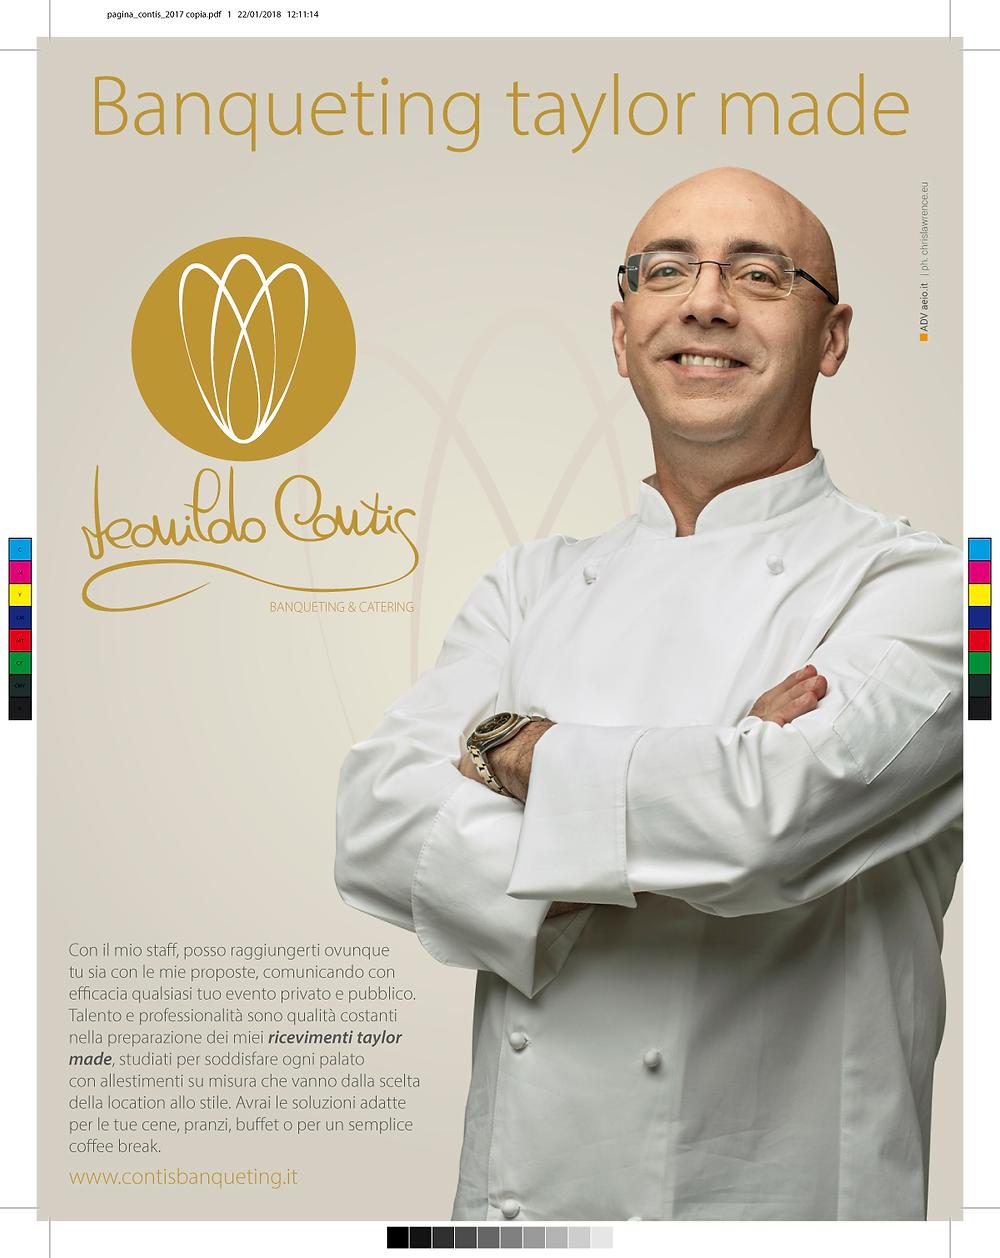 Banqueting Contis pagina pubblicitaria | AEIO advertising